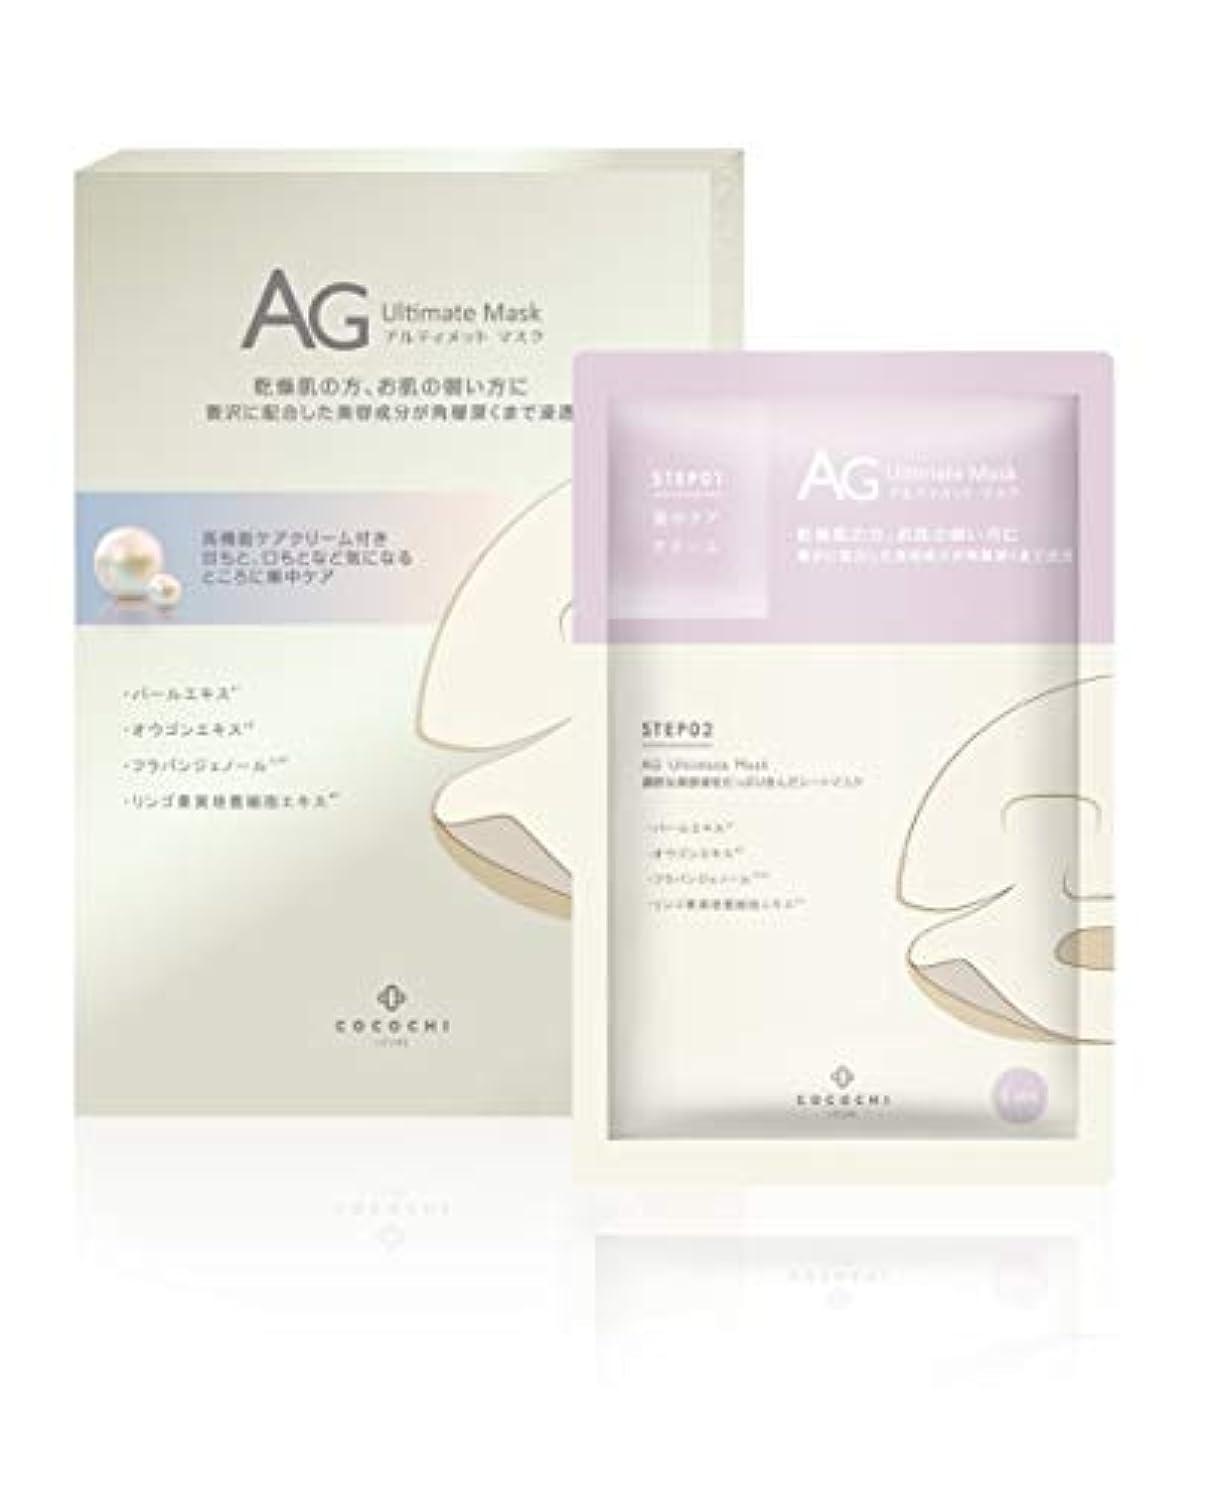 小康ラボ引っ張るエージーアルティメット(AGアルティメット) AGアルティメット アコヤ真珠マスク 5枚入り フェイスマスク